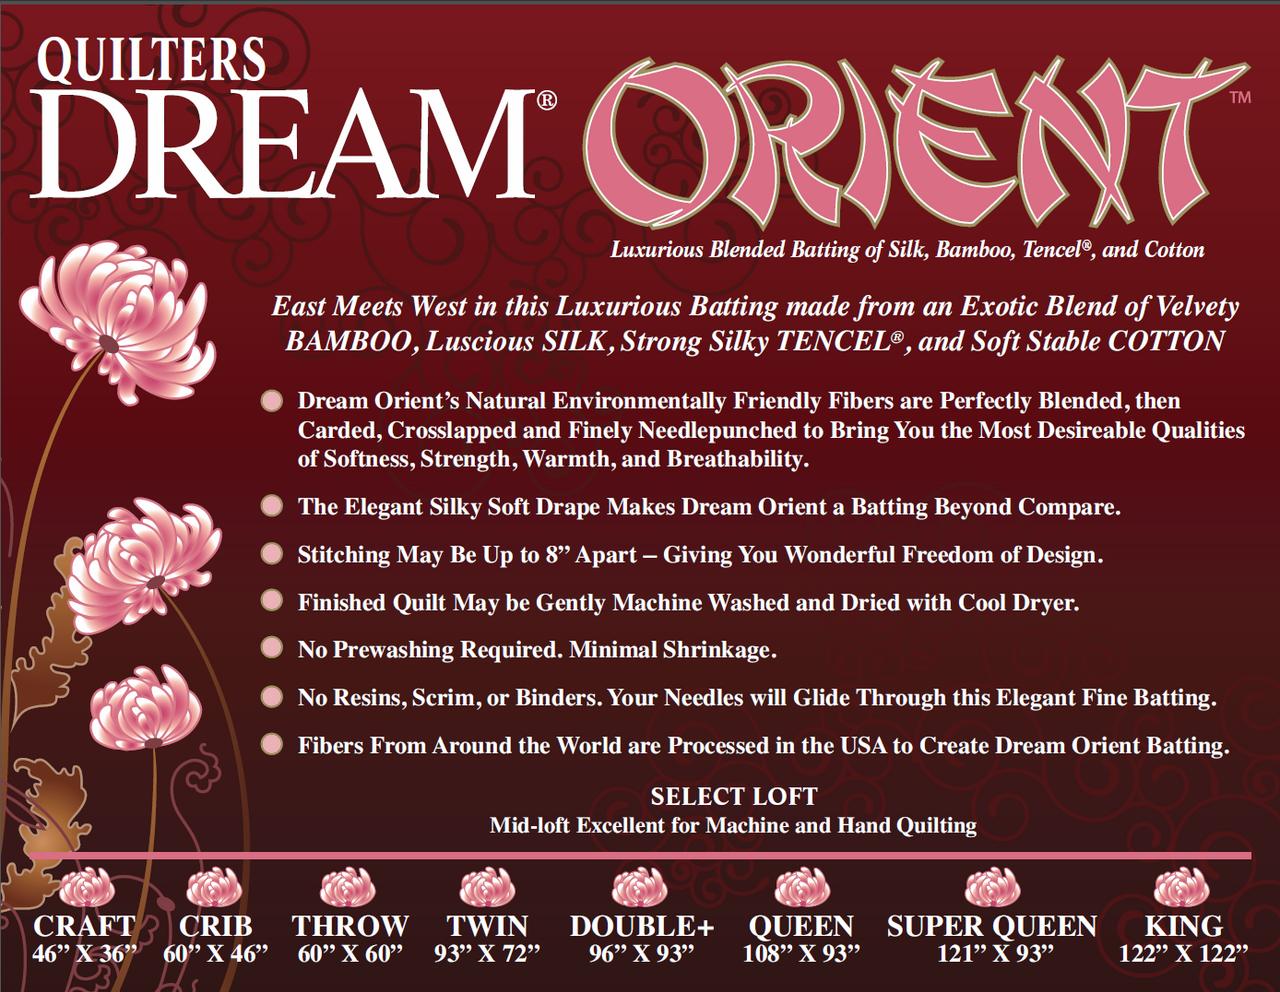 Quilters Dream Cotton -  Orient Blend (Double)